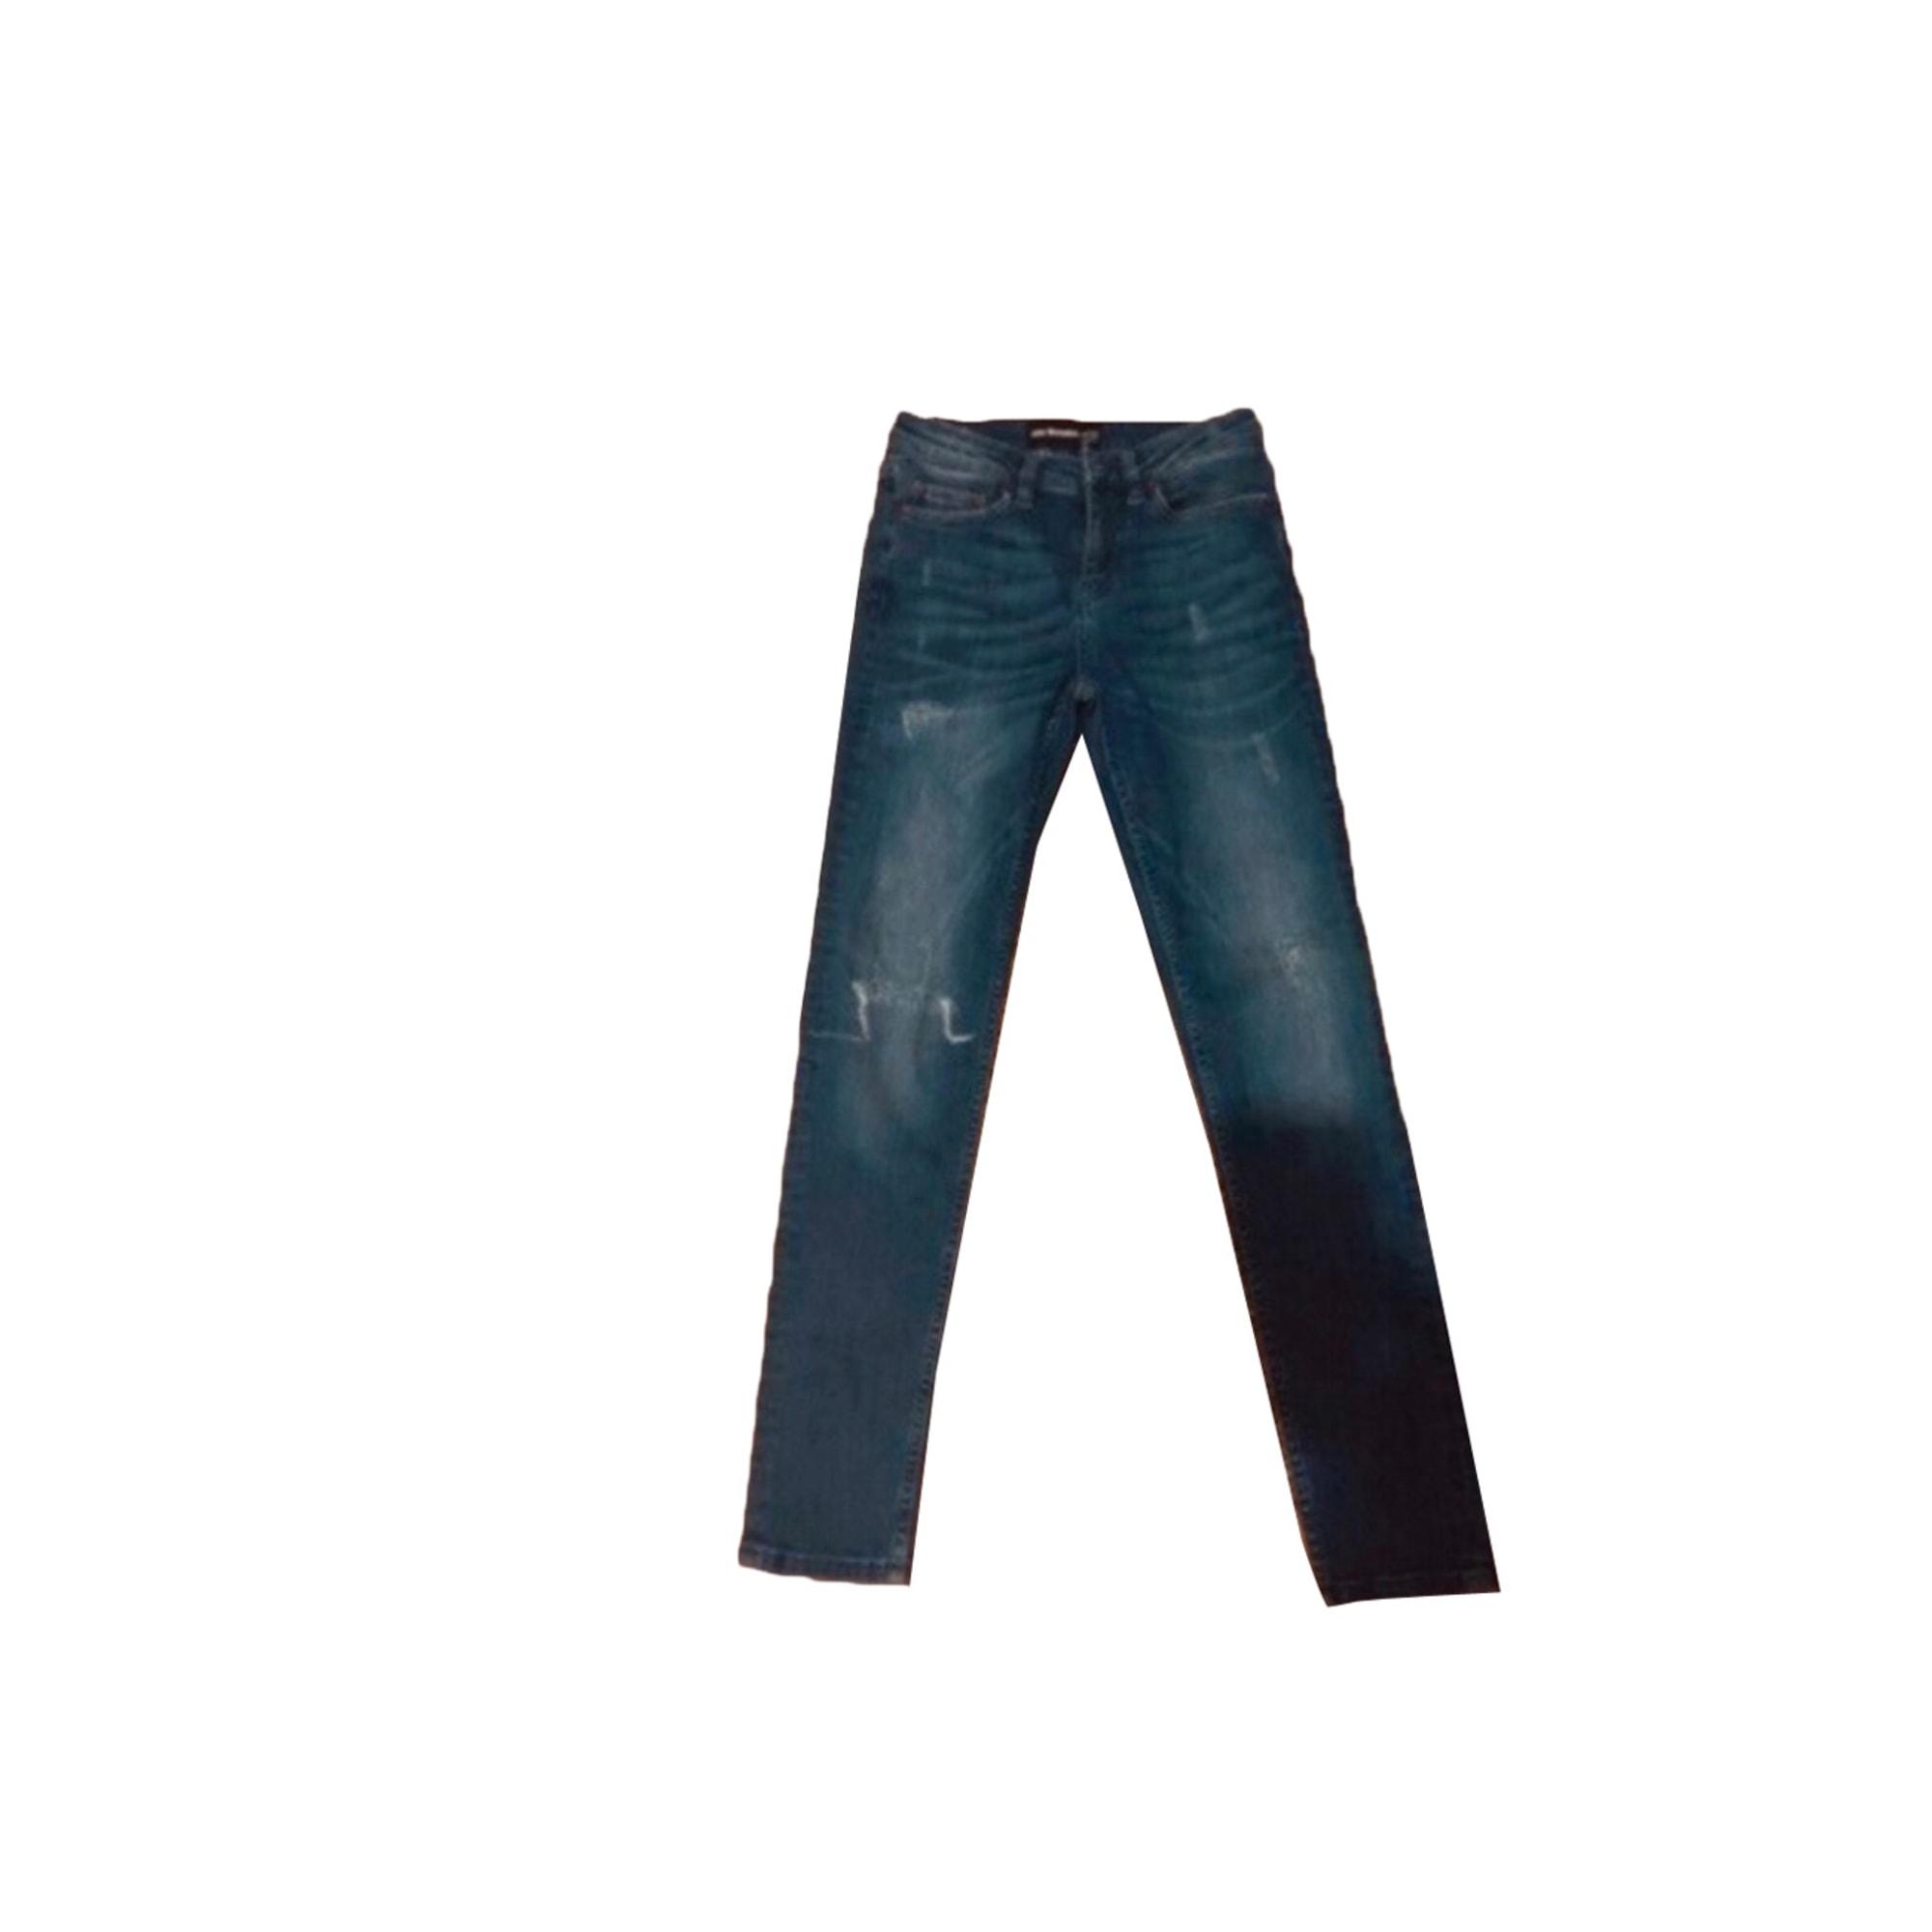 Pantalon slim, cigarette THE KOOPLES Bleu, bleu marine, bleu turquoise